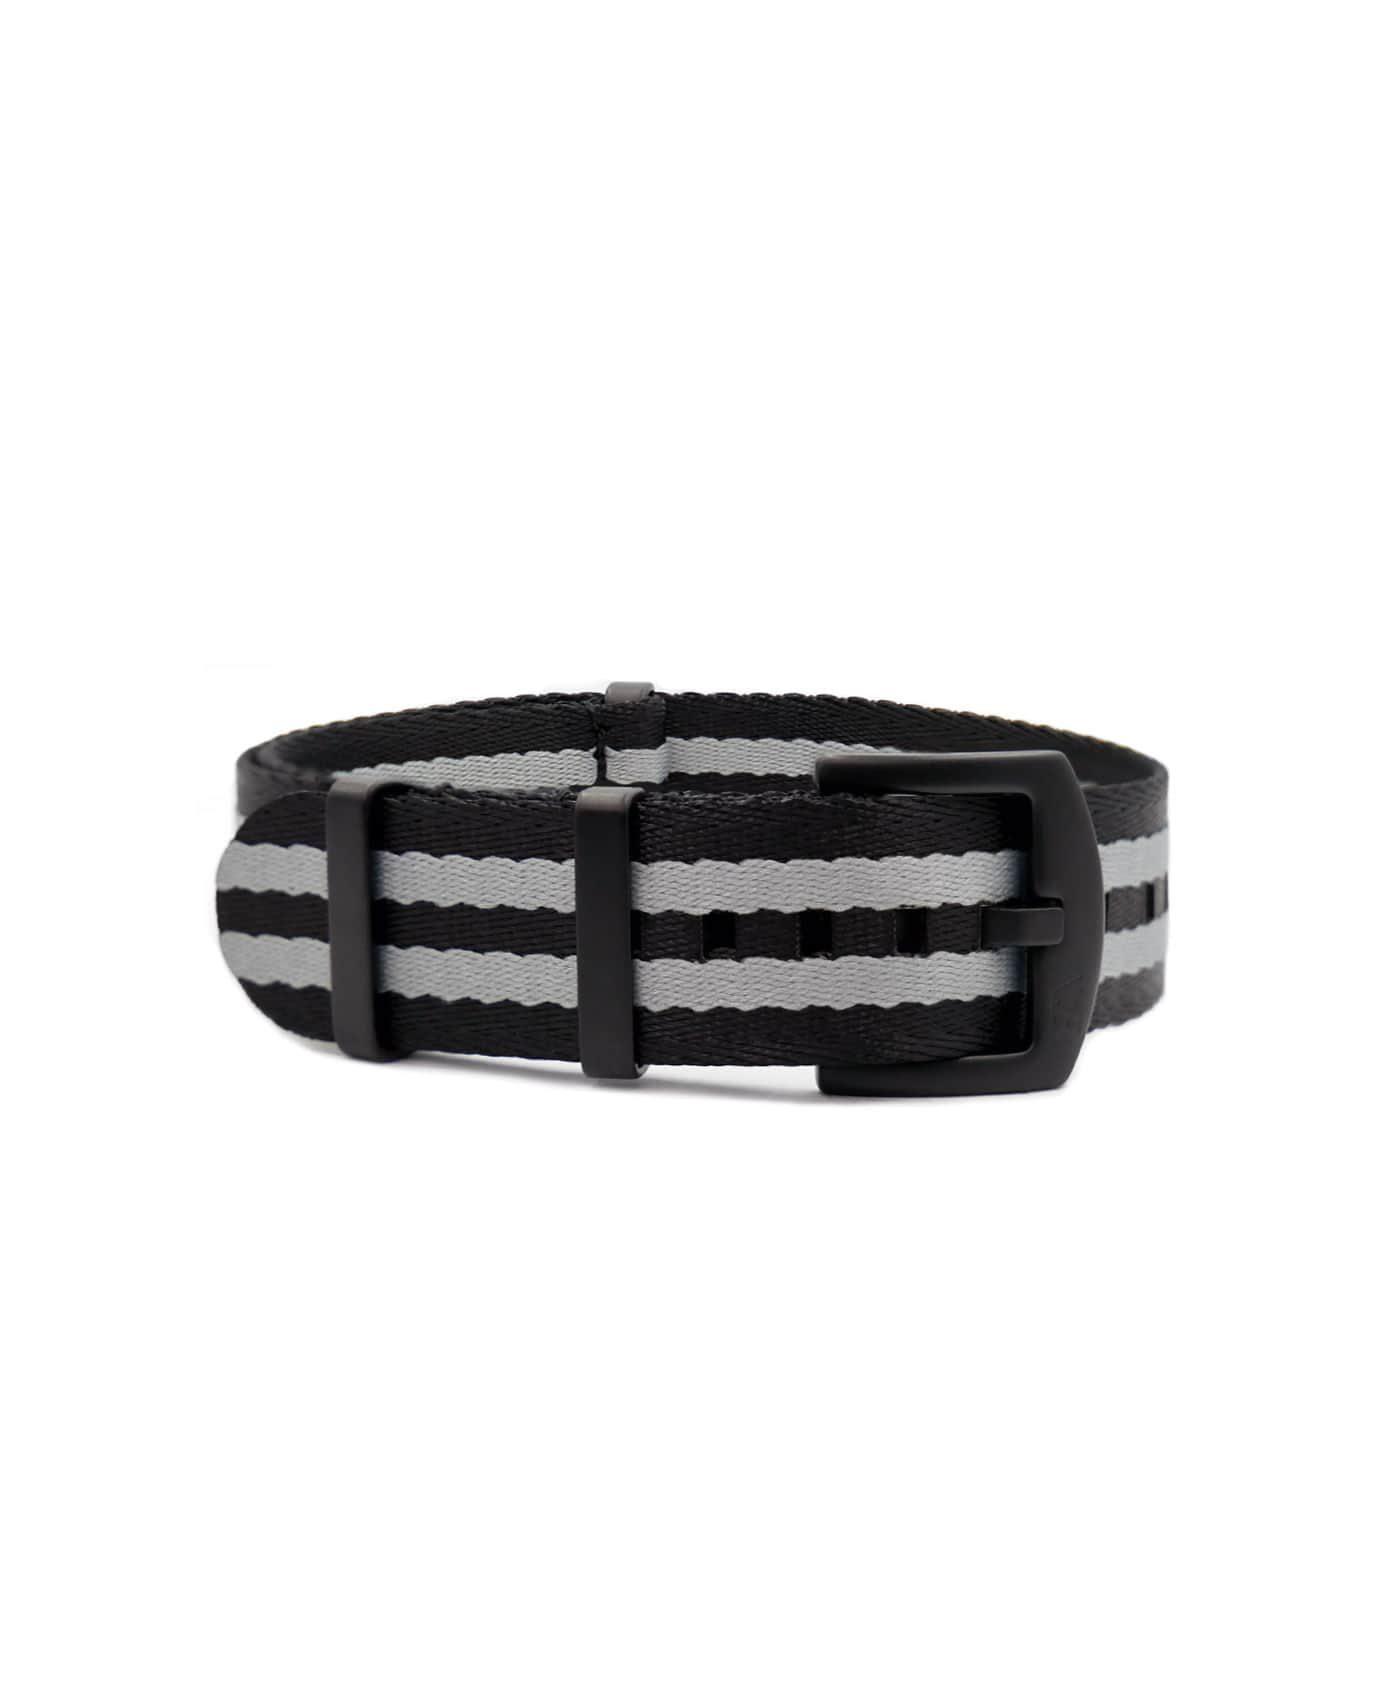 NATO strap black PVD hardware black grey stribed james bond Watchbandit